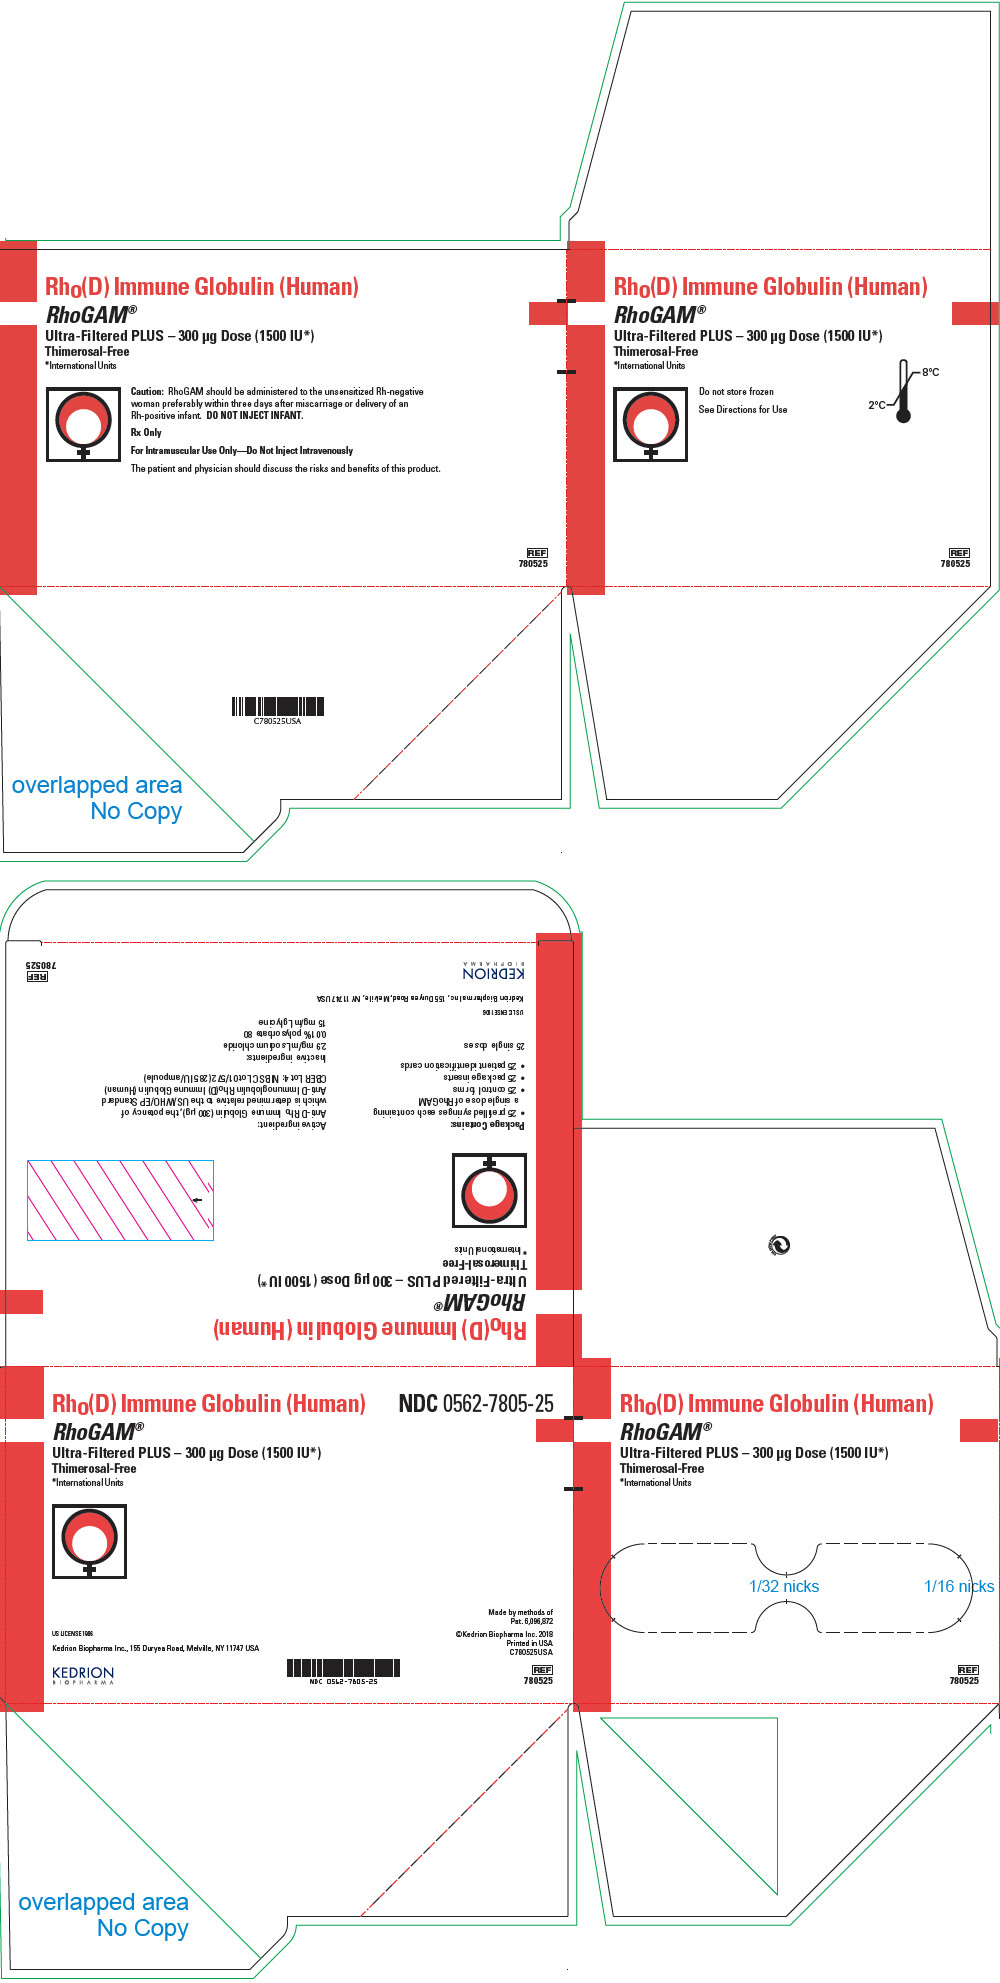 PRINCIPAL DISPLAY PANEL - 300 μg Syringe Pouch Carton - 25